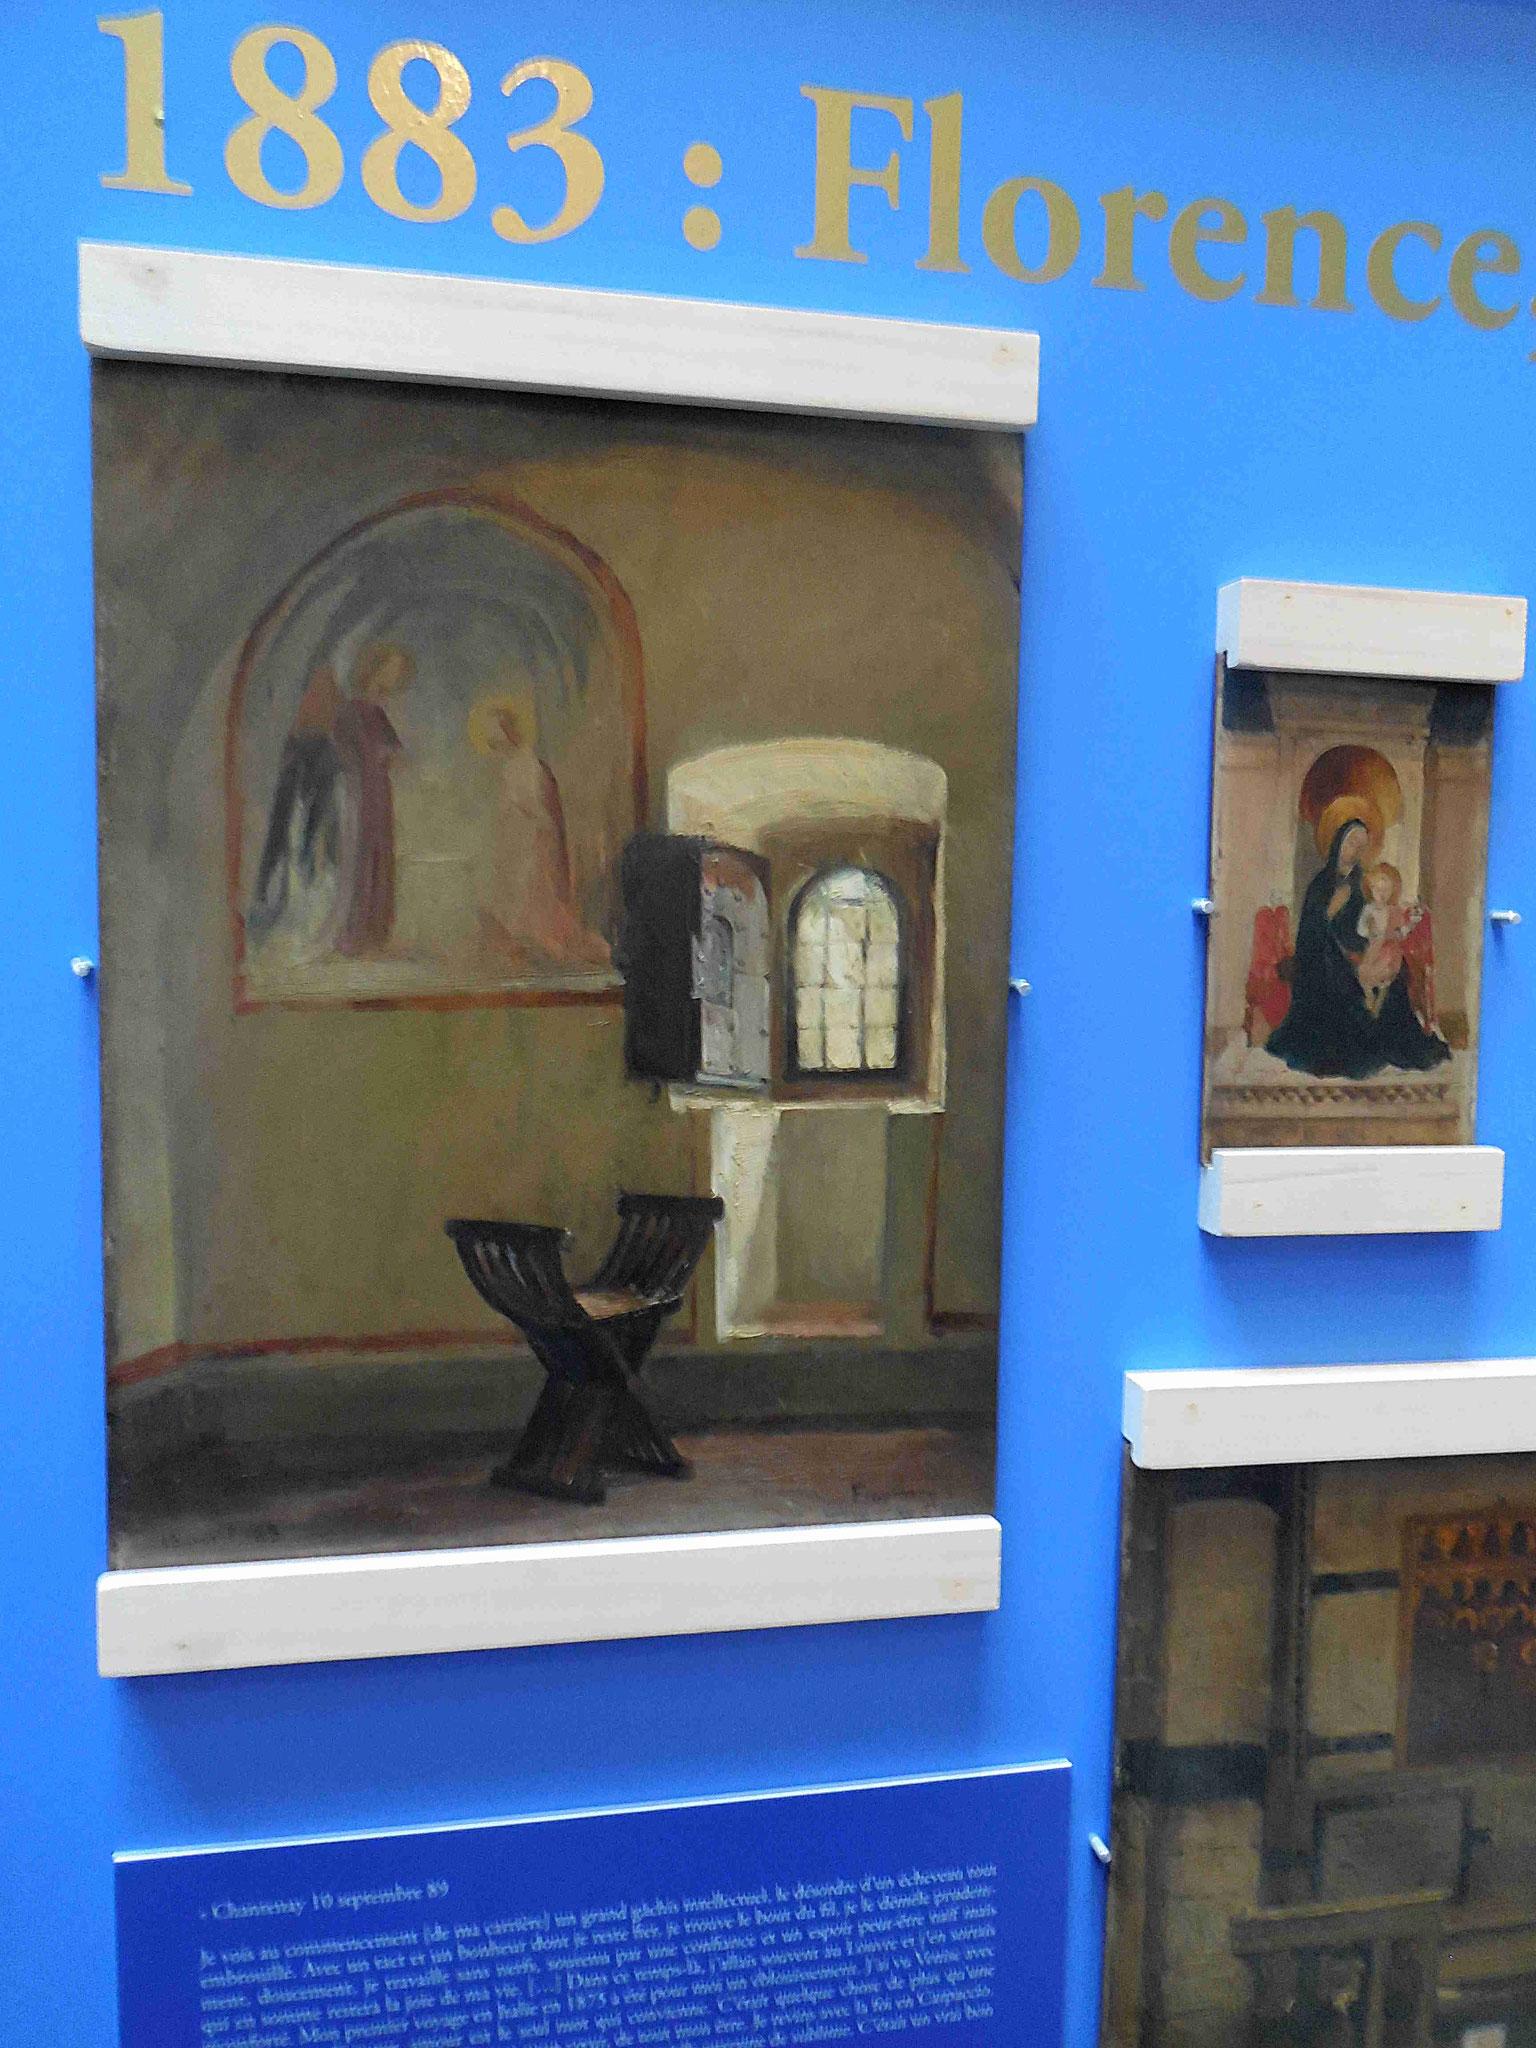 Une aquarelle réalisée dans la cellule de Fra Angelico à Florence